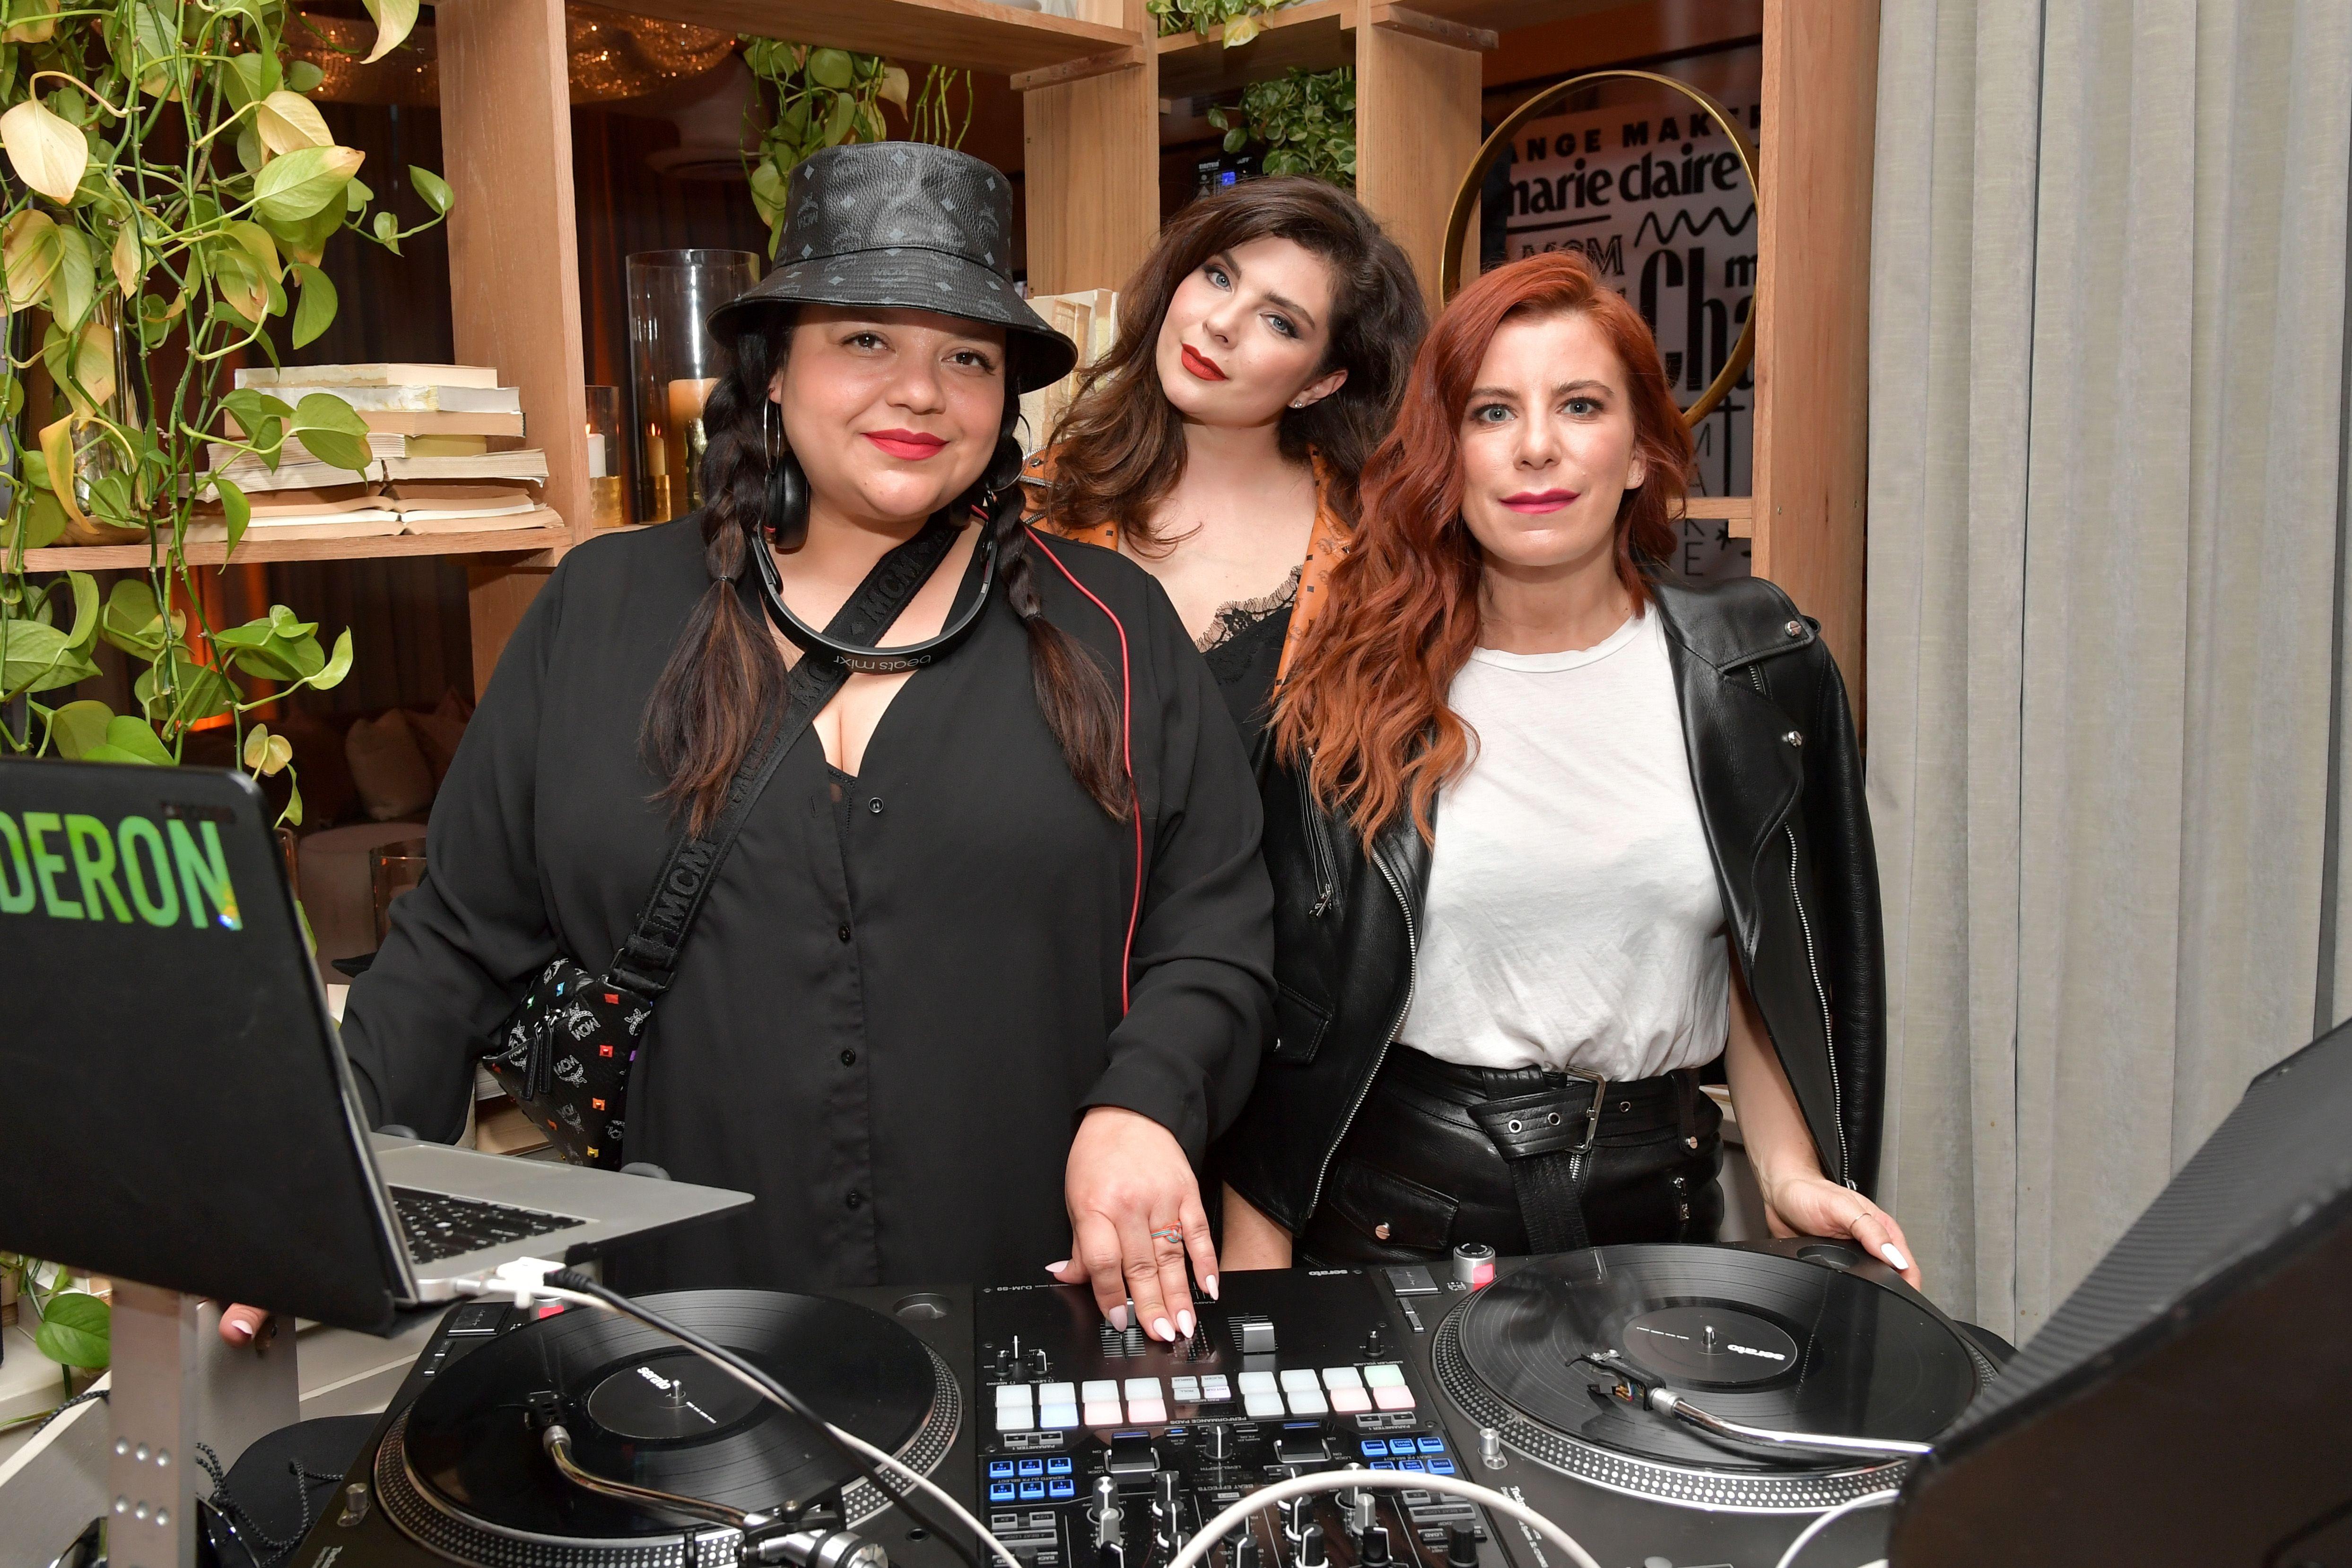 DJs Ana Calderon, Daisy O'Dell, and Michelle Pesce.